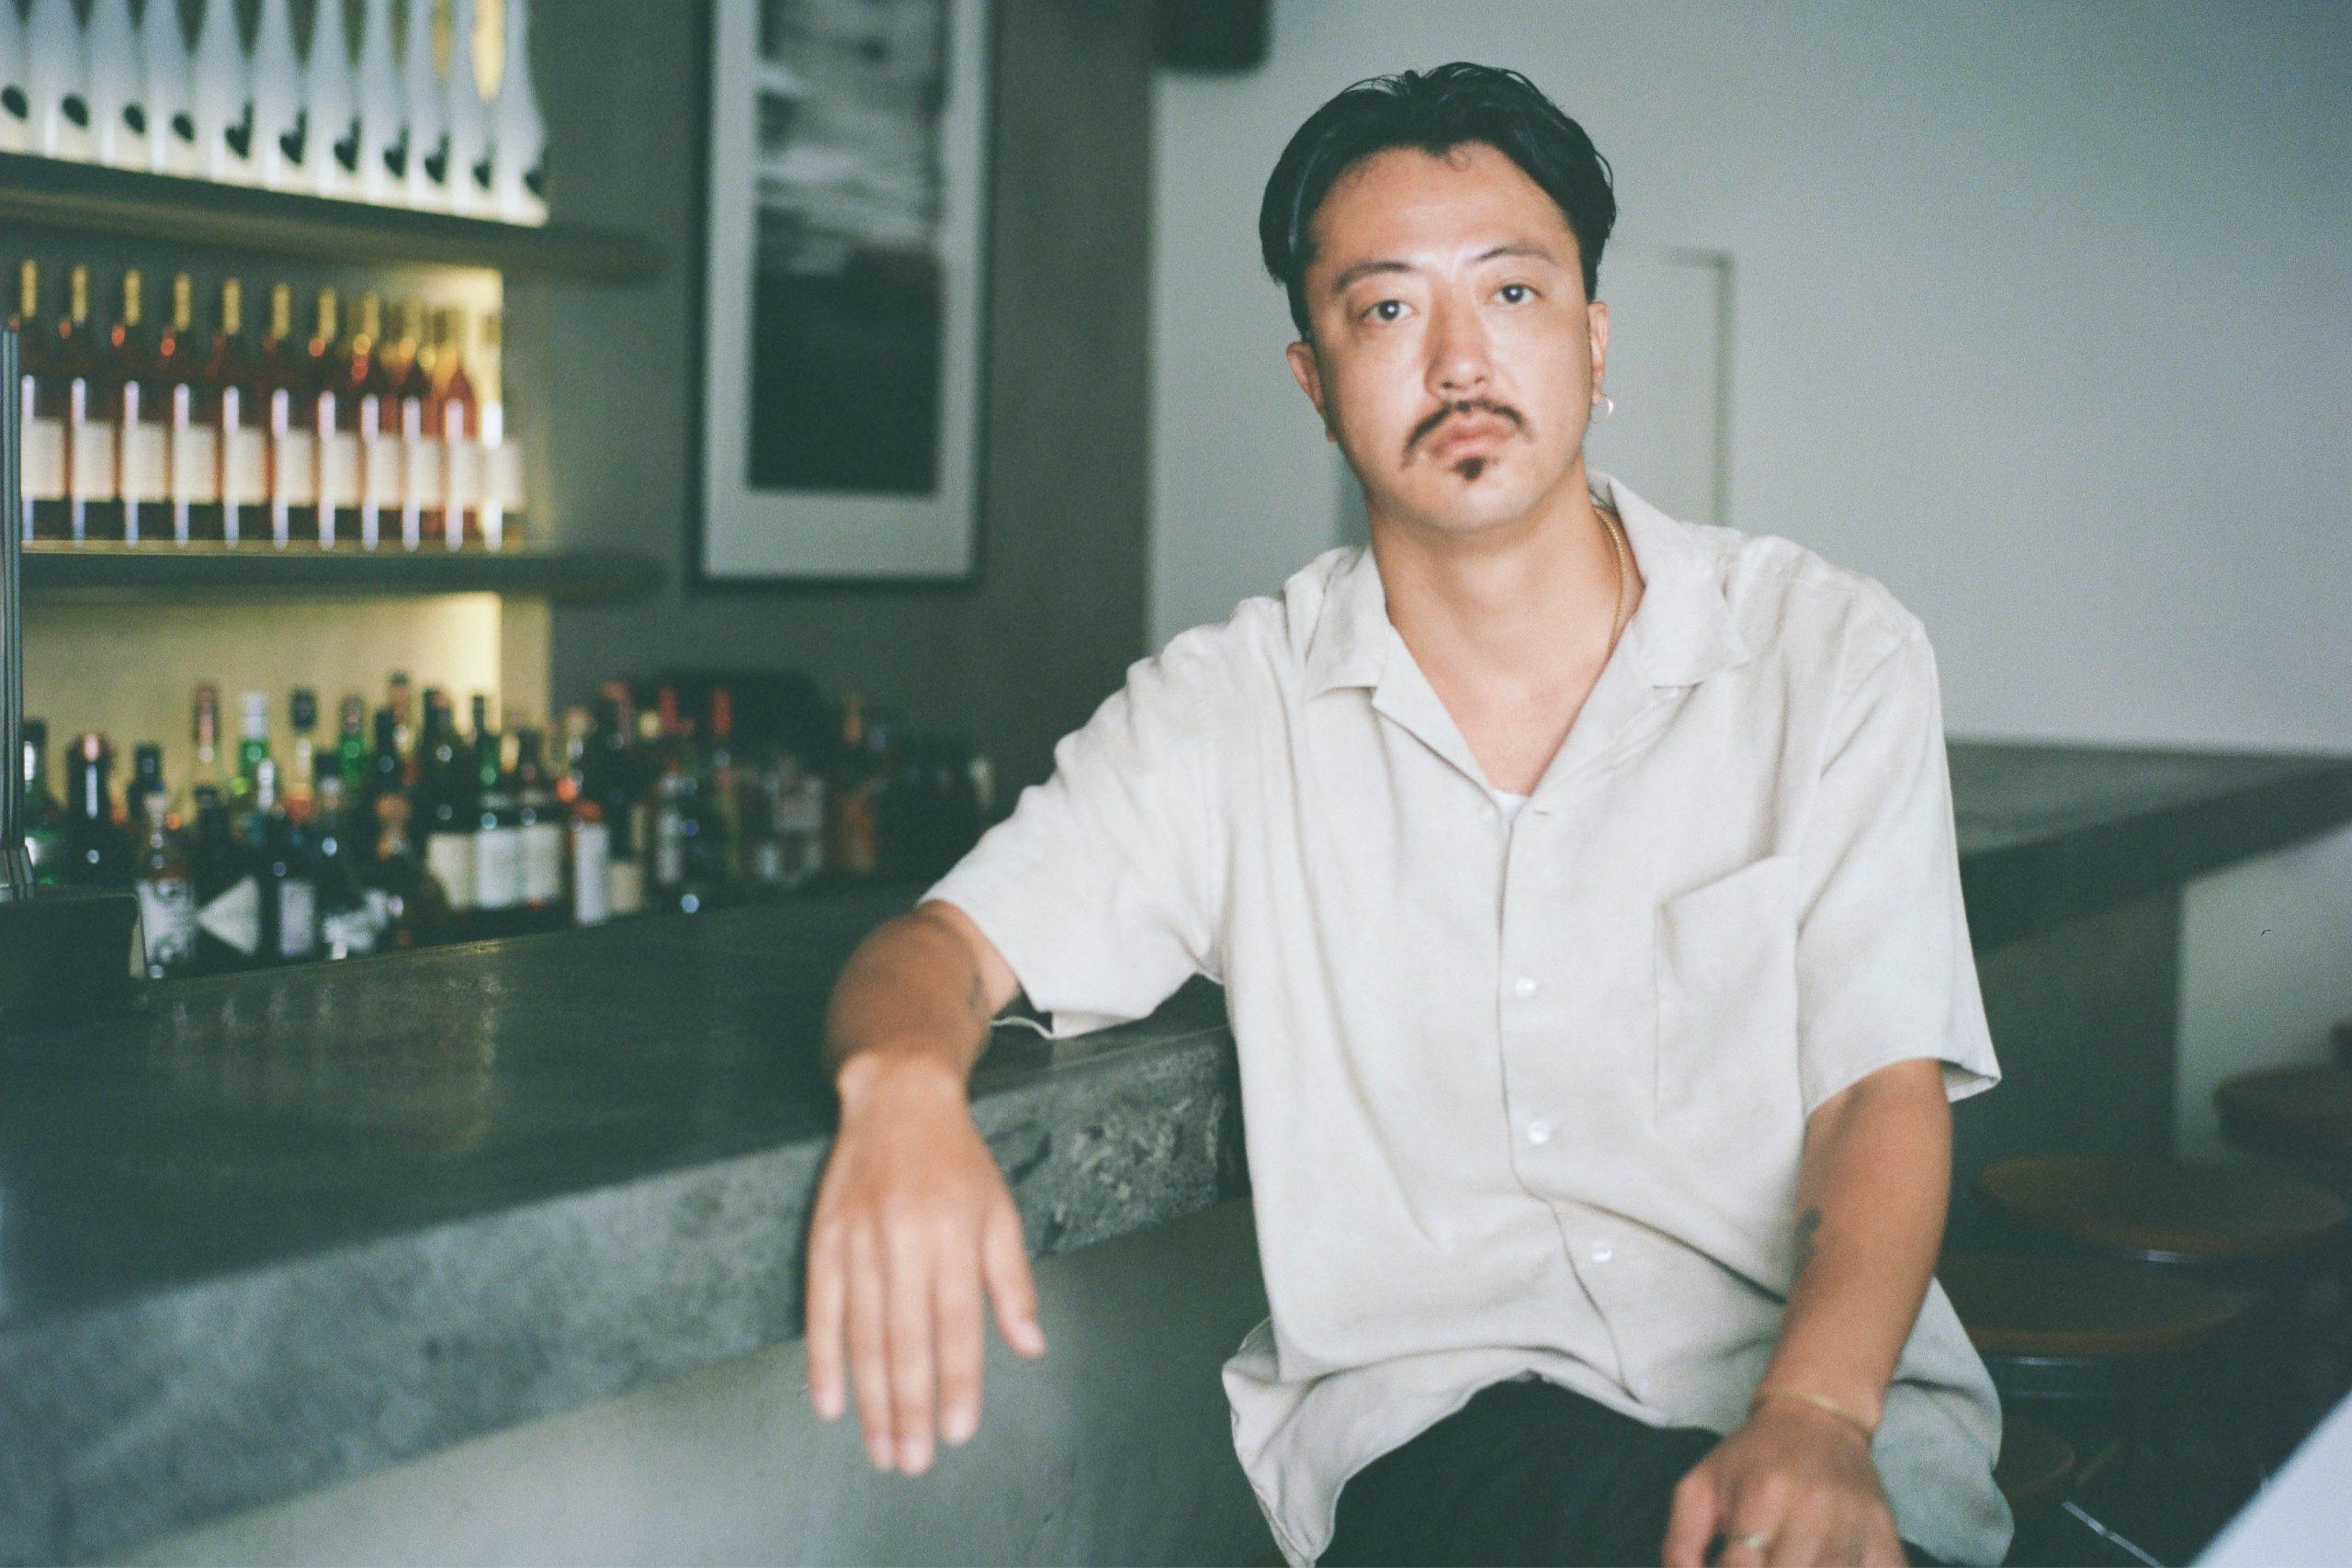 Yuma Yamashita